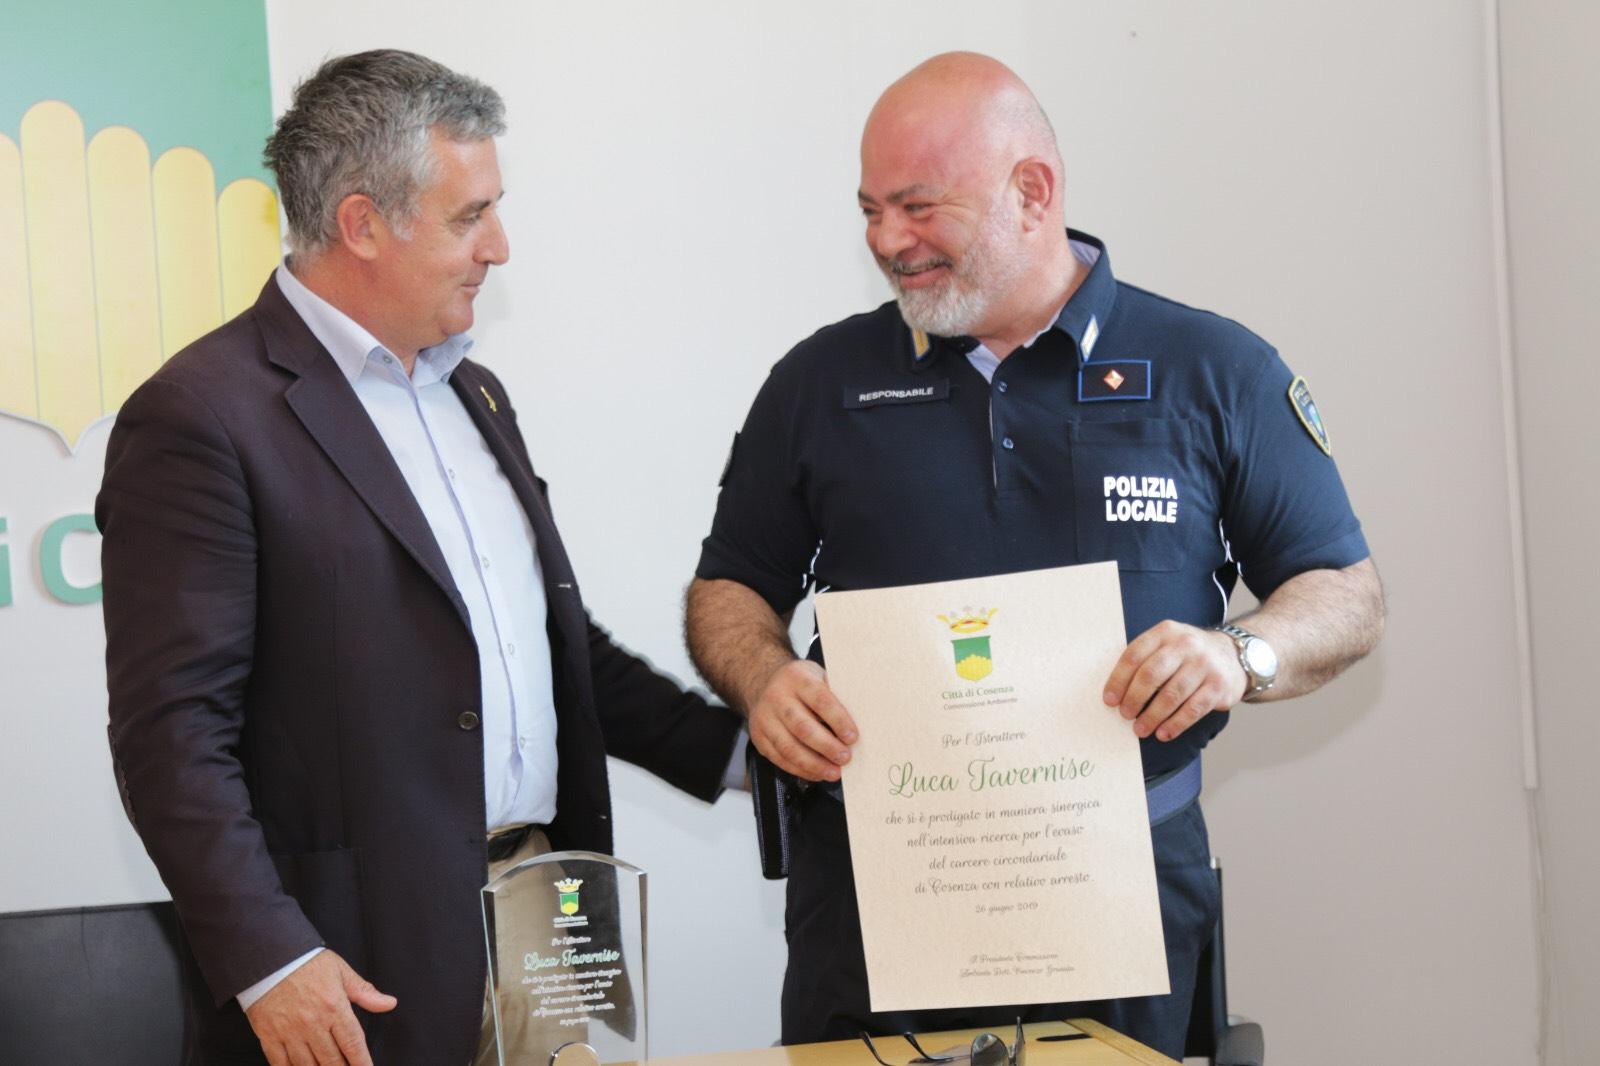 il Presidente della Commissione ambiente Vincenzo Granata e l'ispettore Luca Tavernise 2